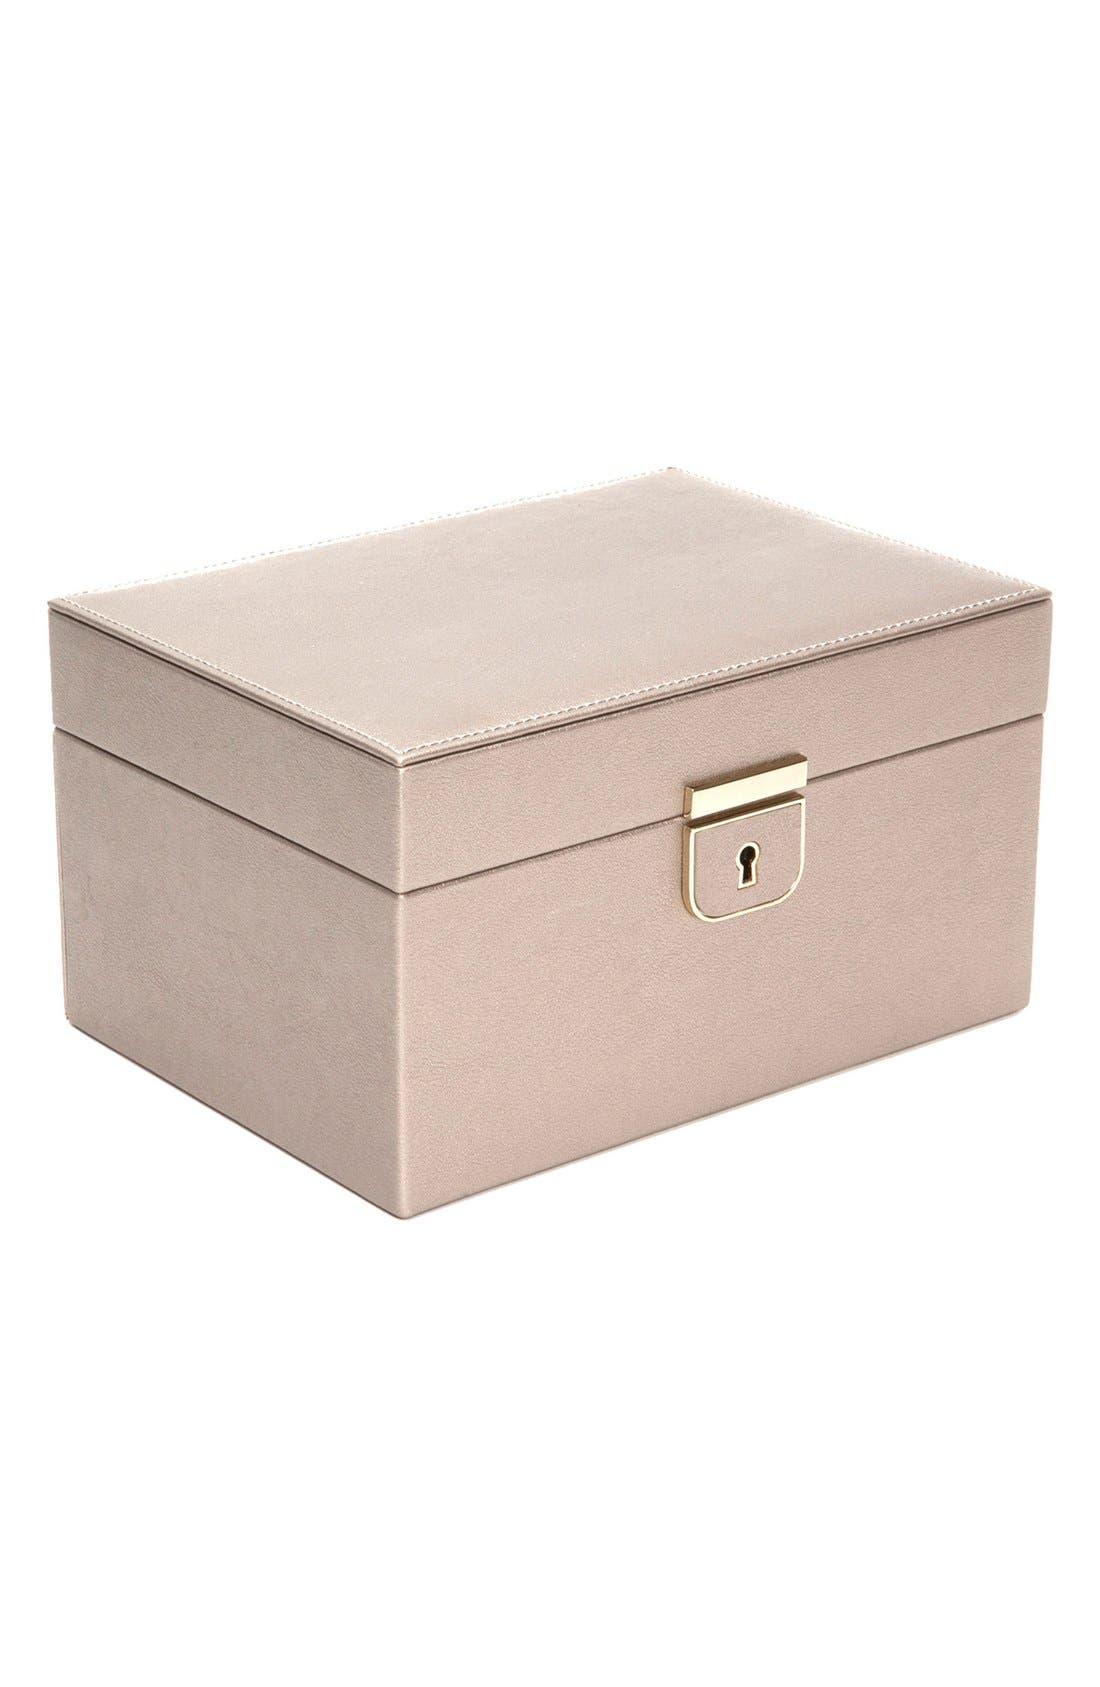 WOLF 'Palermo' Small Jewelry Box